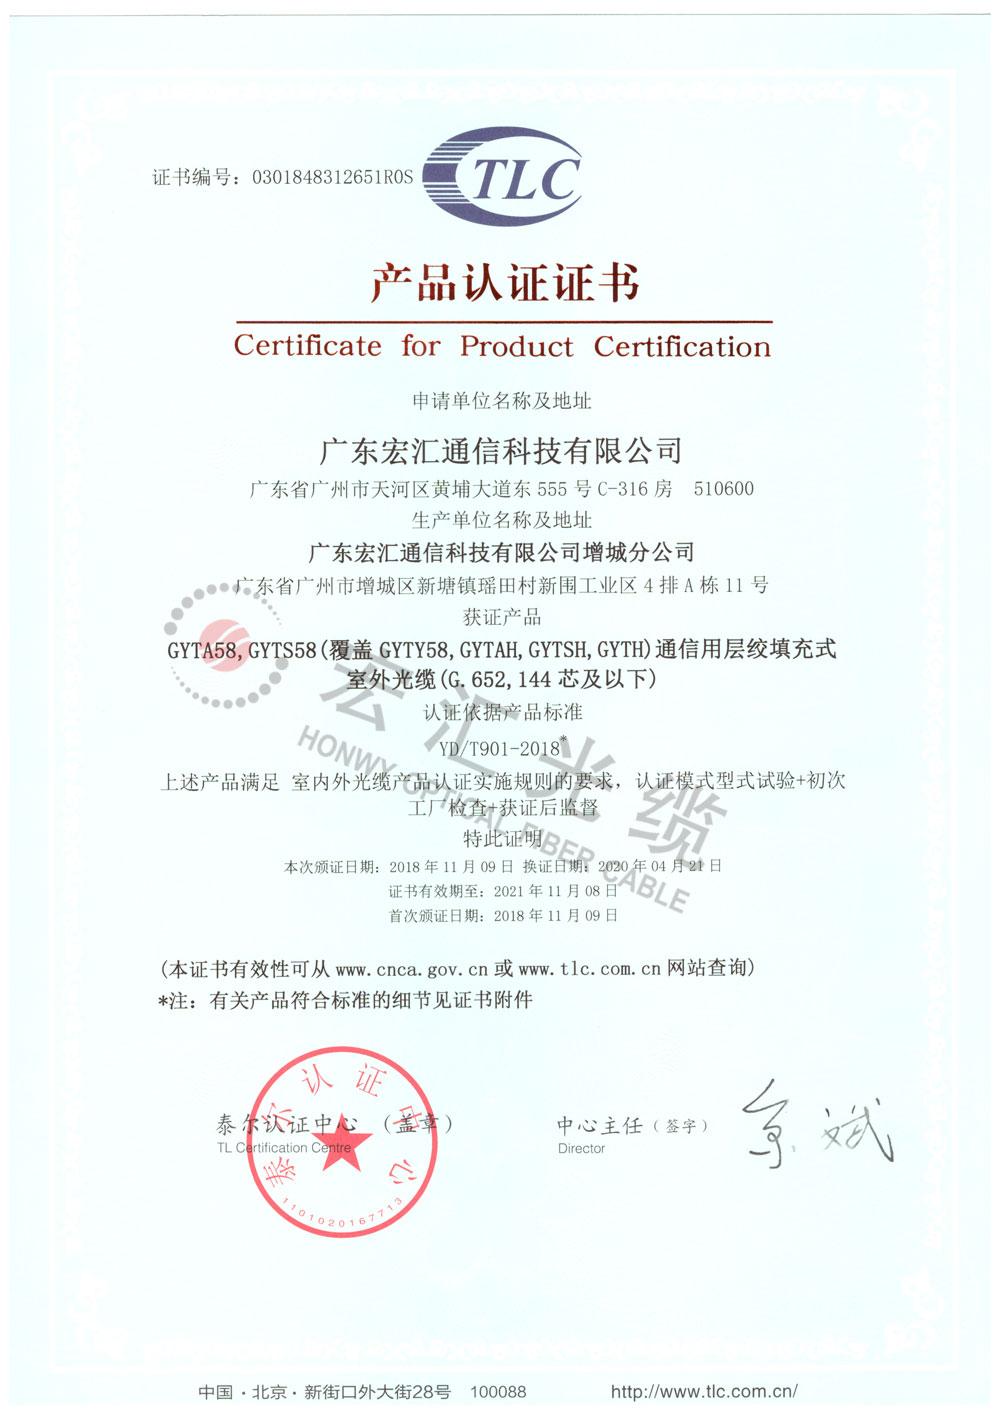 泰尔认证证书(GYTA58/GYTS58)